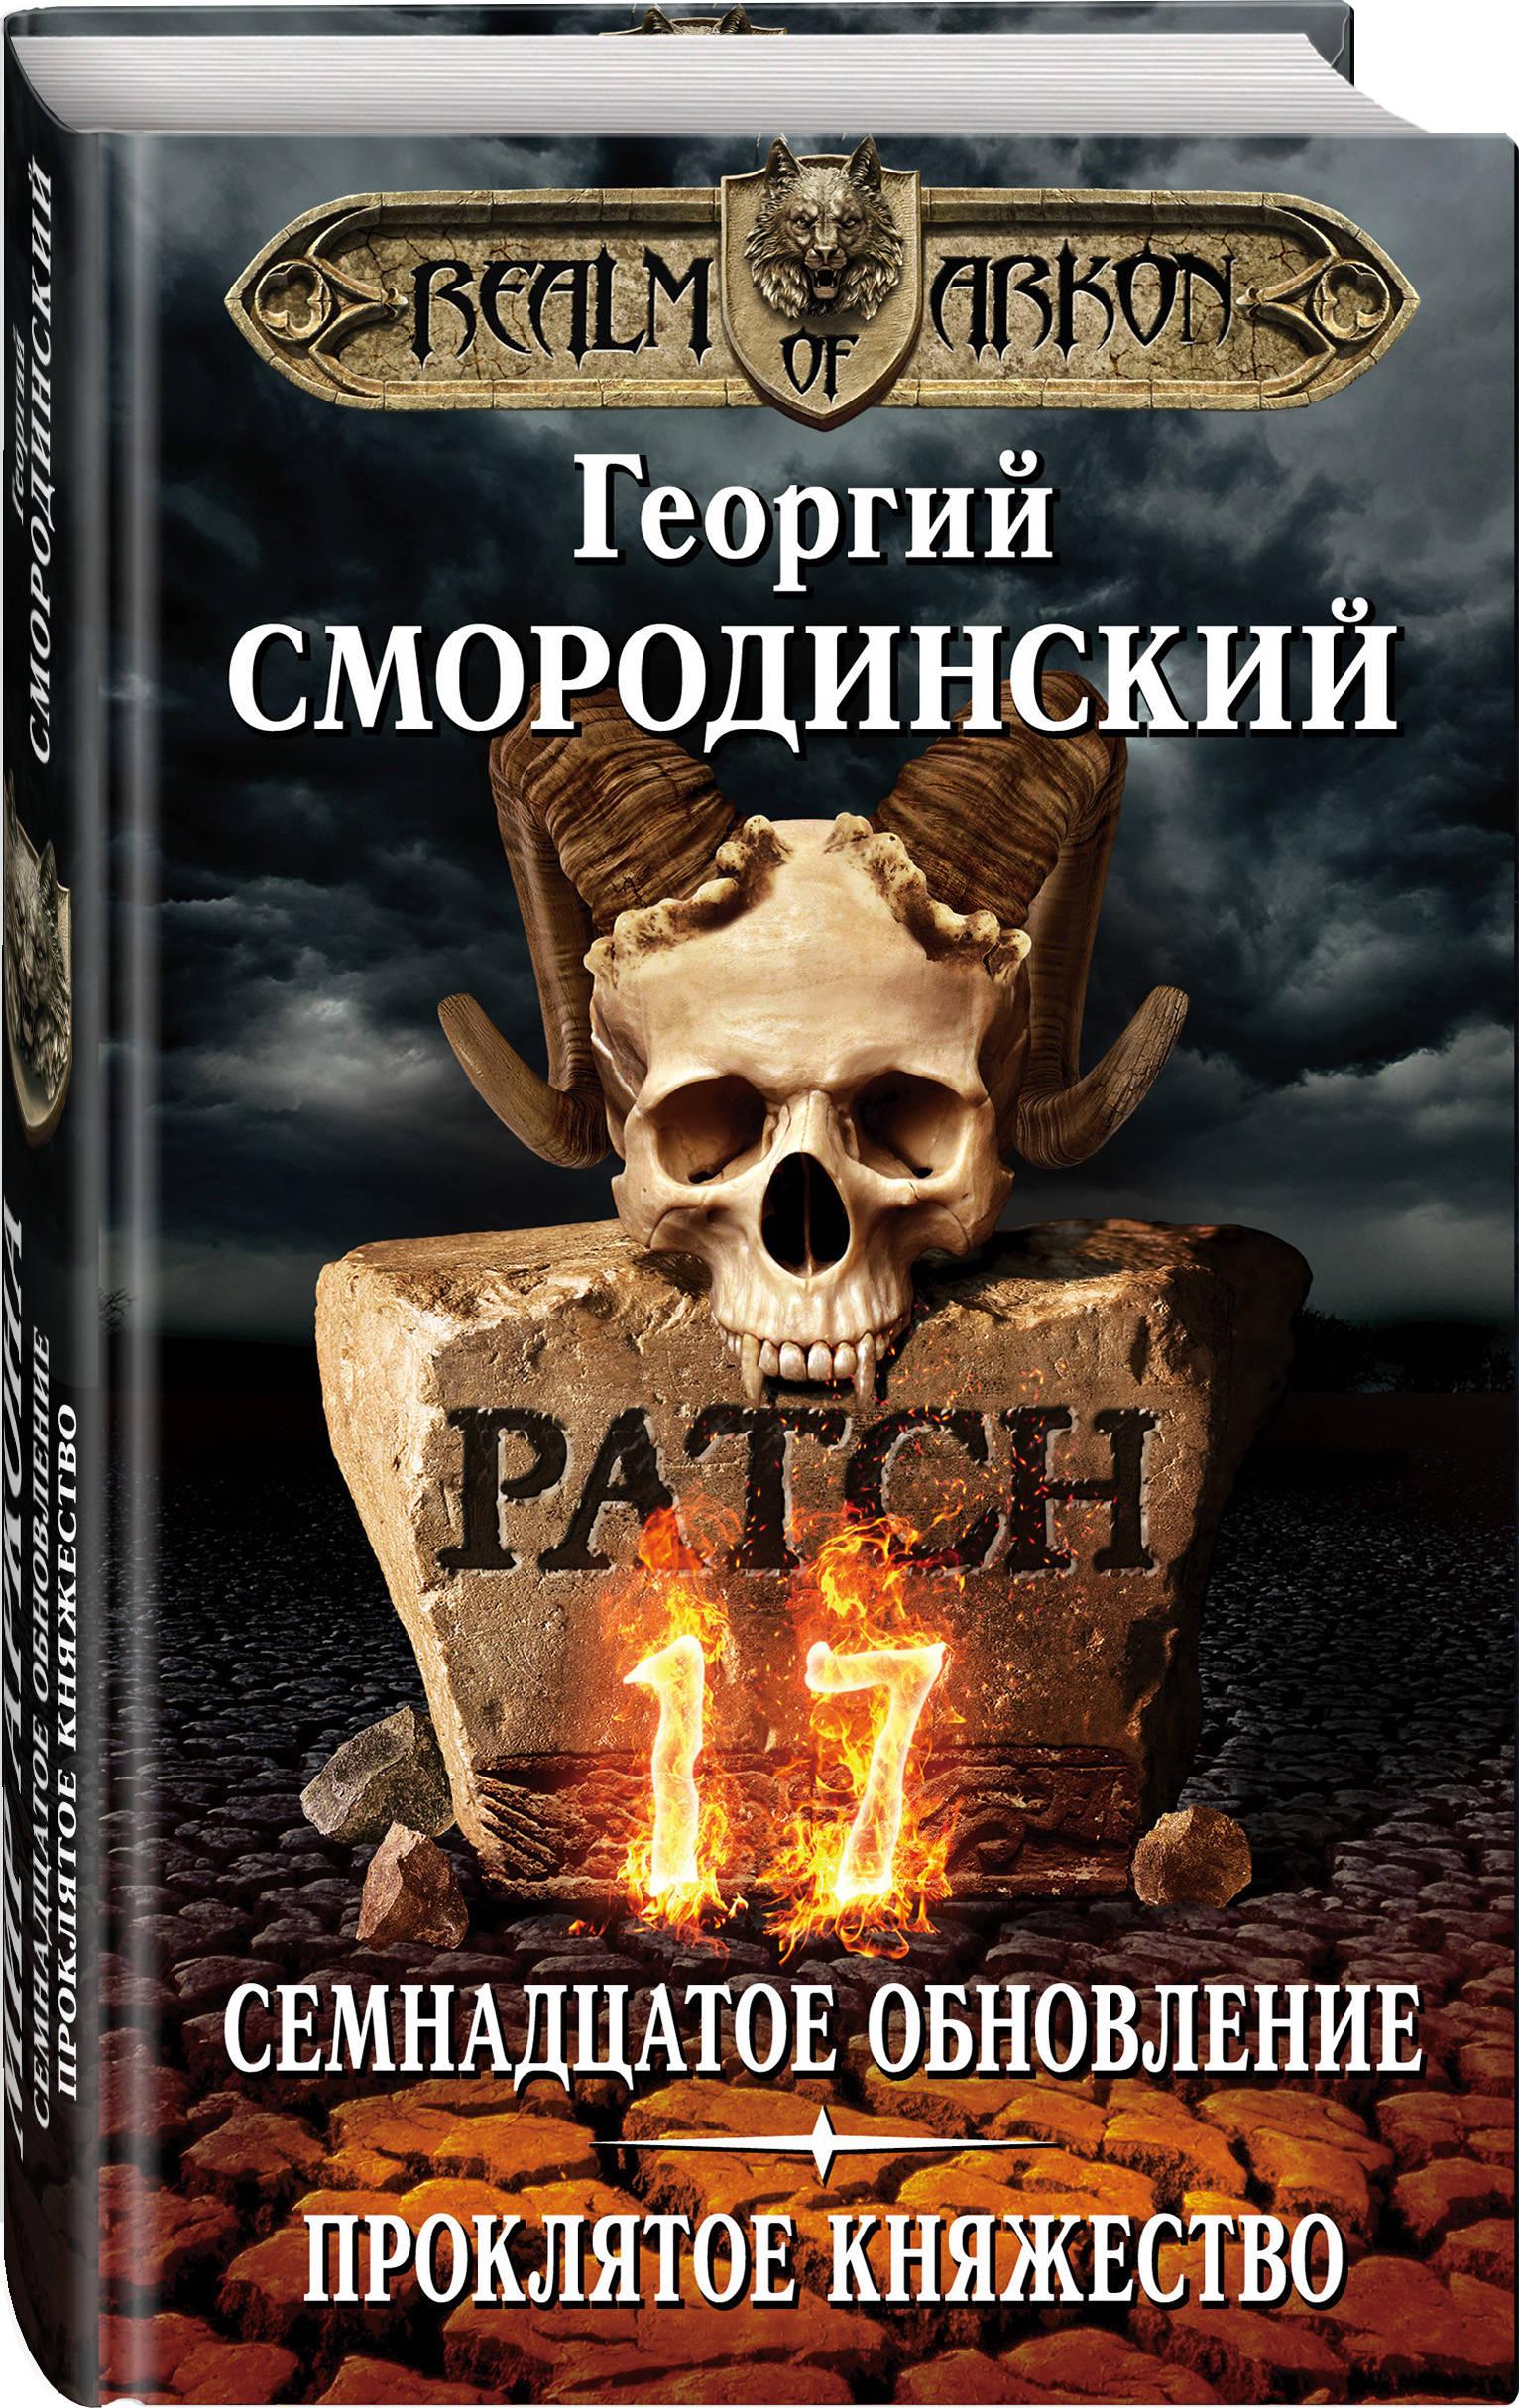 Георгий Смородинский Мир Аркона. Семнадцатое обновление. Проклятое княжество